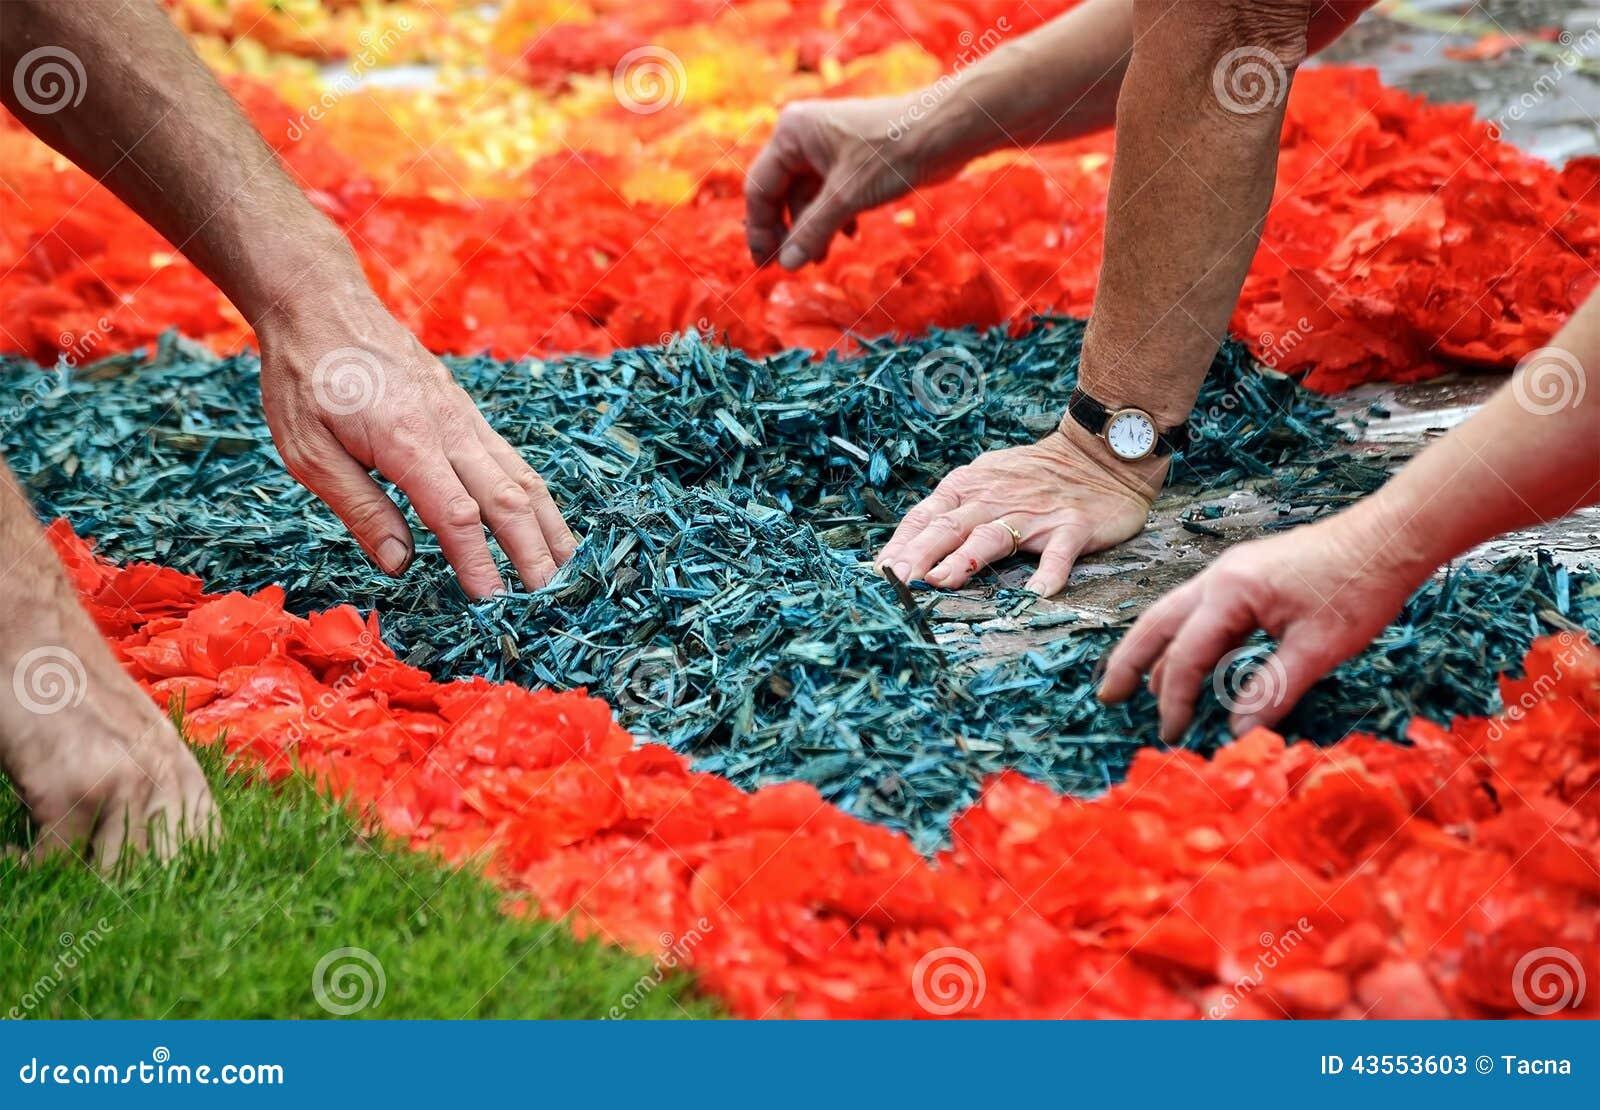 Tappeto Floreale Bruxelles : Parte rossa del tappeto di fiori sulla grand place di bruxelles